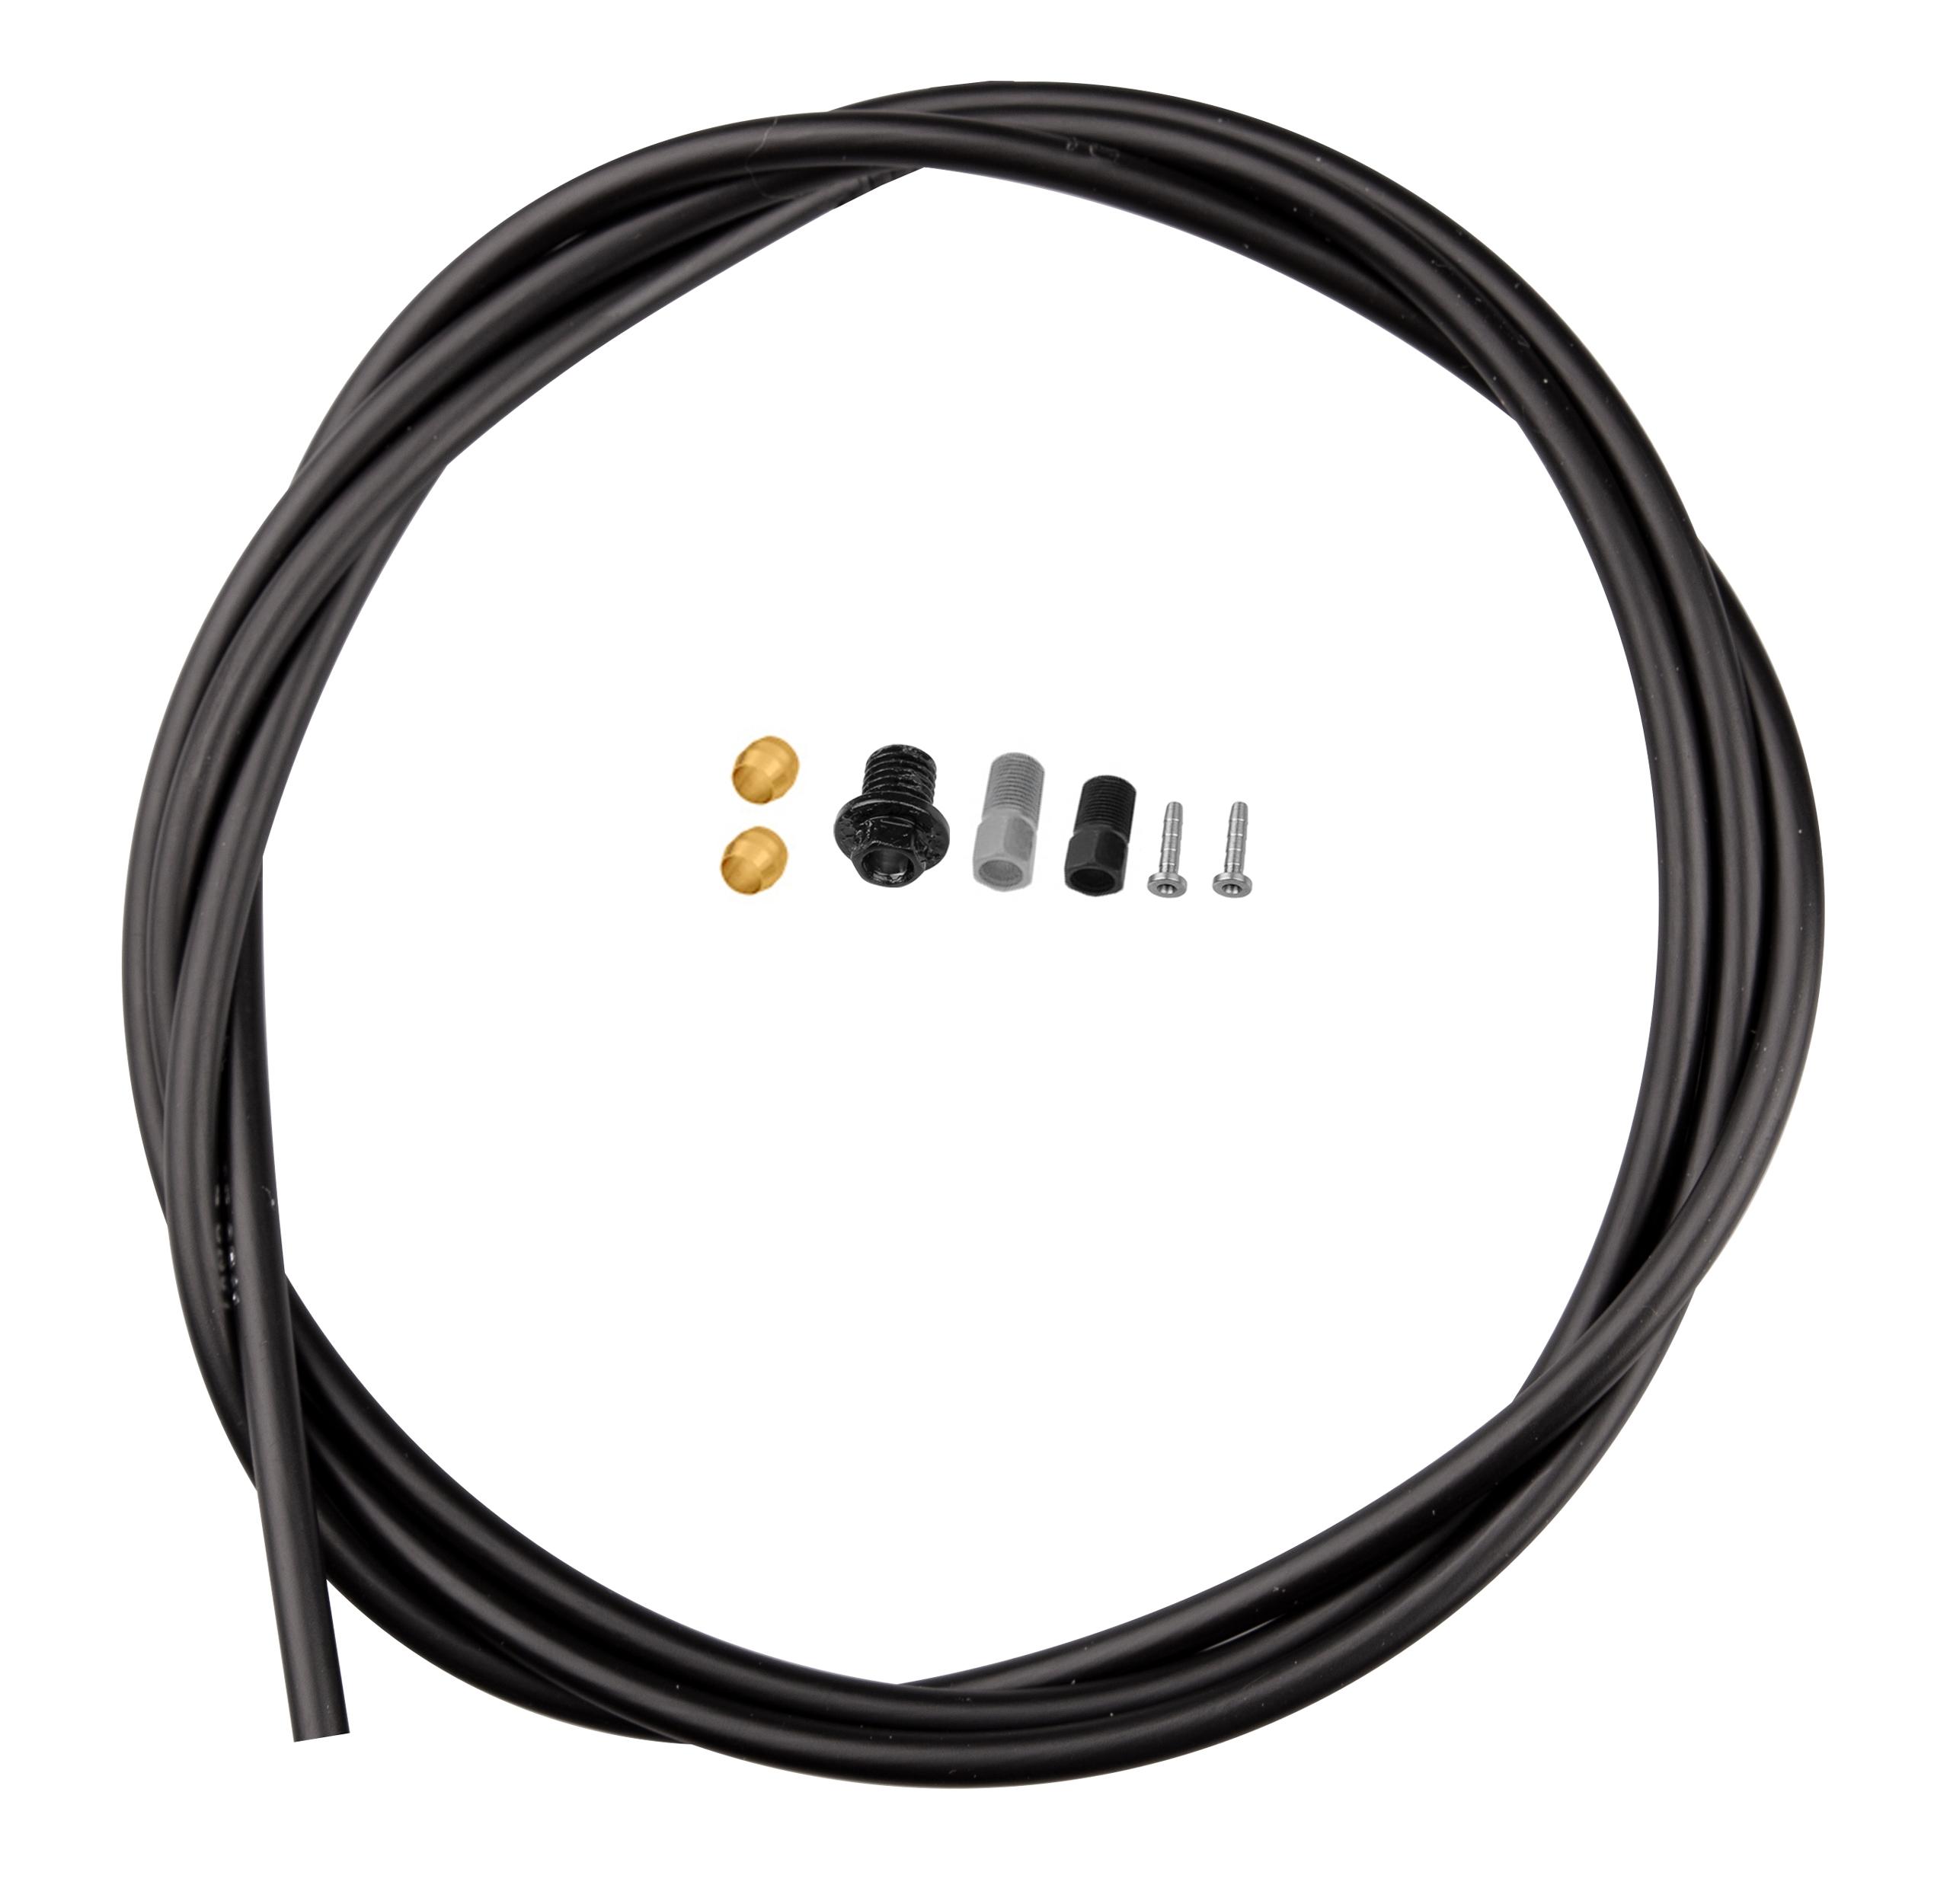 hadička brzdová SMBH90JKSSL 170 cm černá